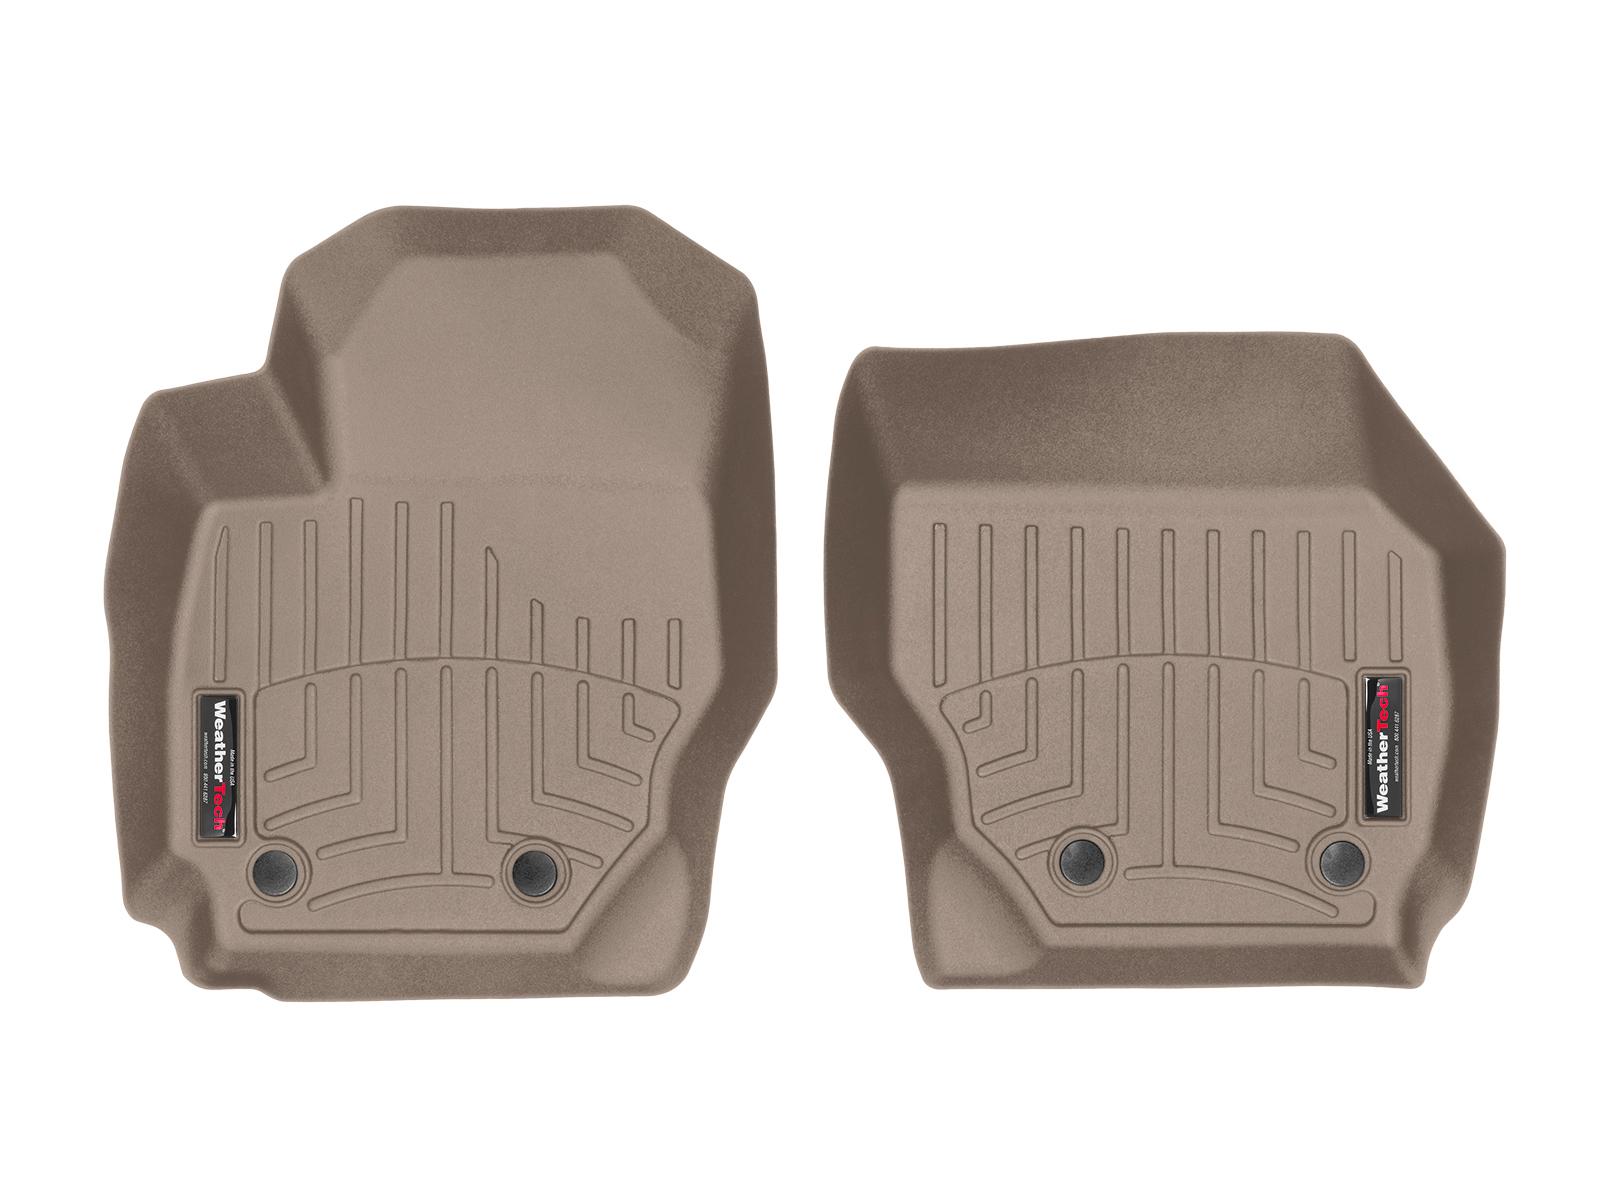 Tappeti gomma su misura bordo alto Volvo XC70 08>17 Marrone A4433*